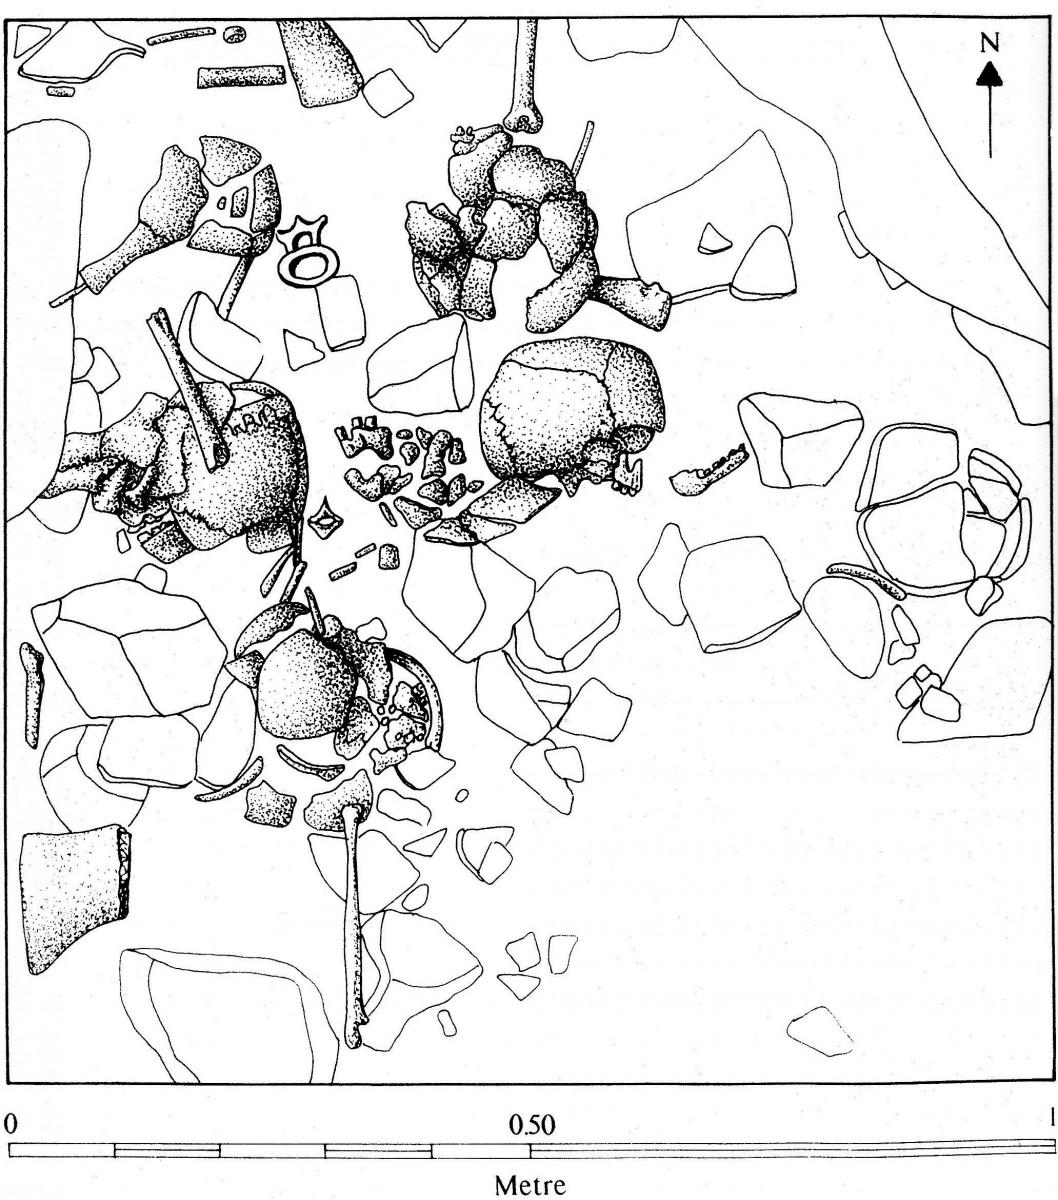 Εικ. 5. Ταφές από το σπήλαιο Αλεπότρυπα Λακωνίας (σχεδίαση Cavanagh / Mee 1998, εικ. 2.11).